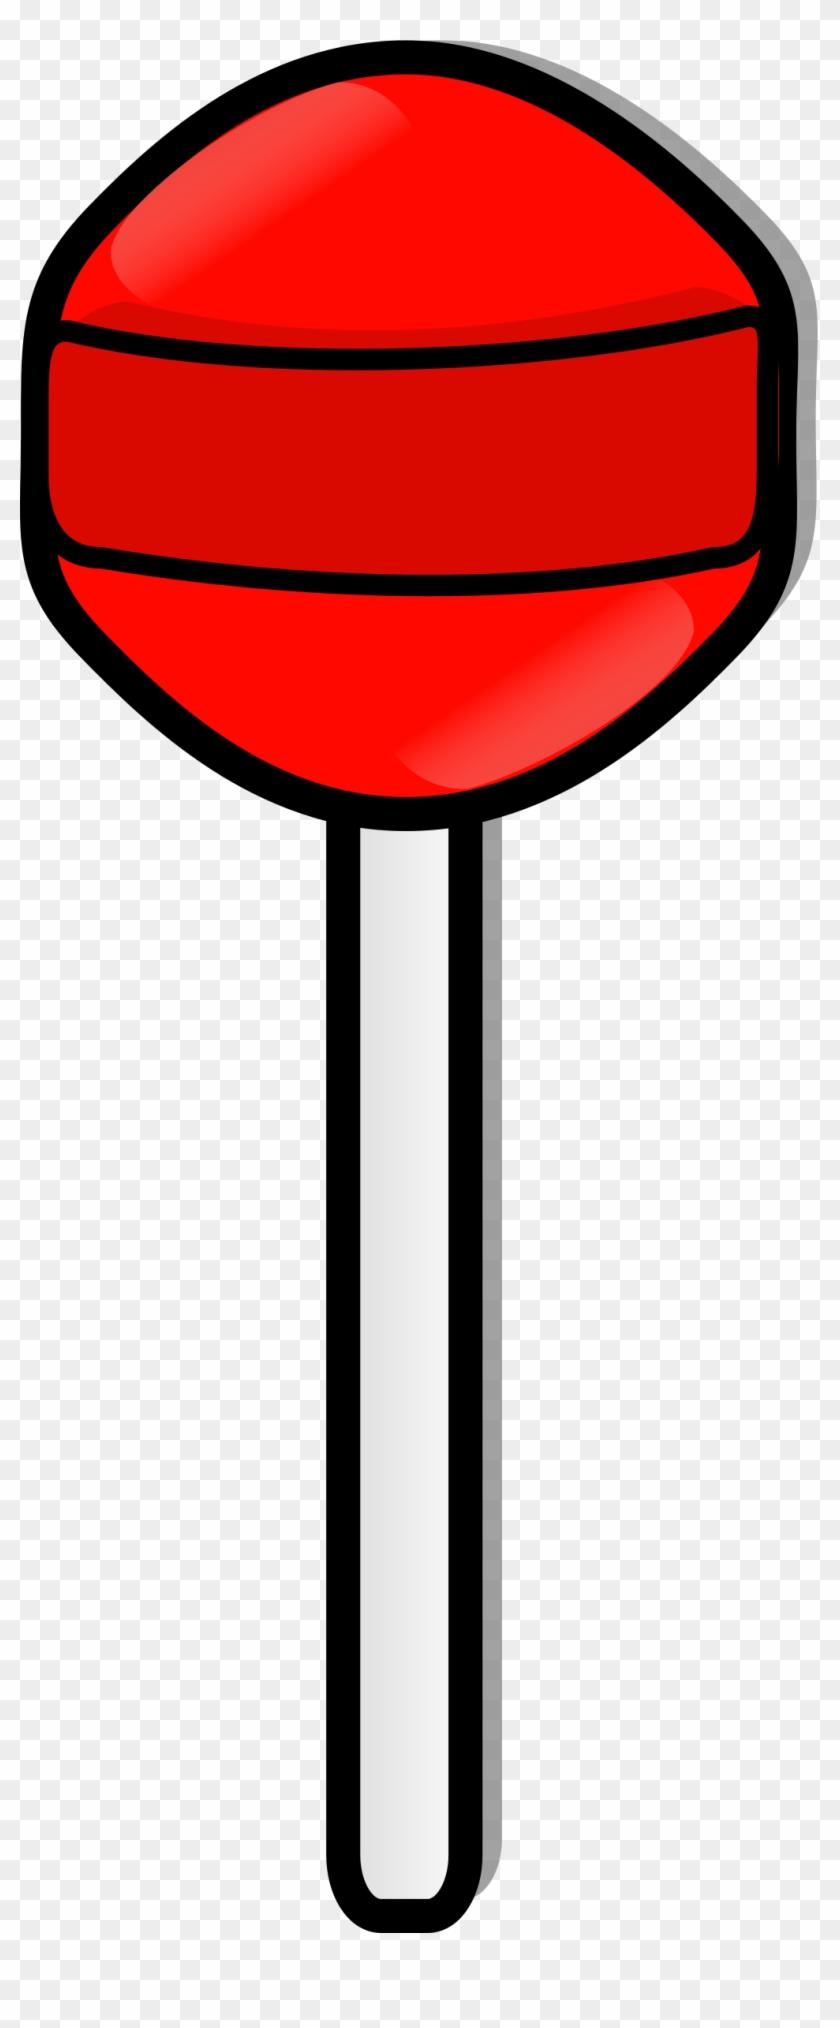 Lollipop Clipart Transparent Background - Lollipop Clipart #58006